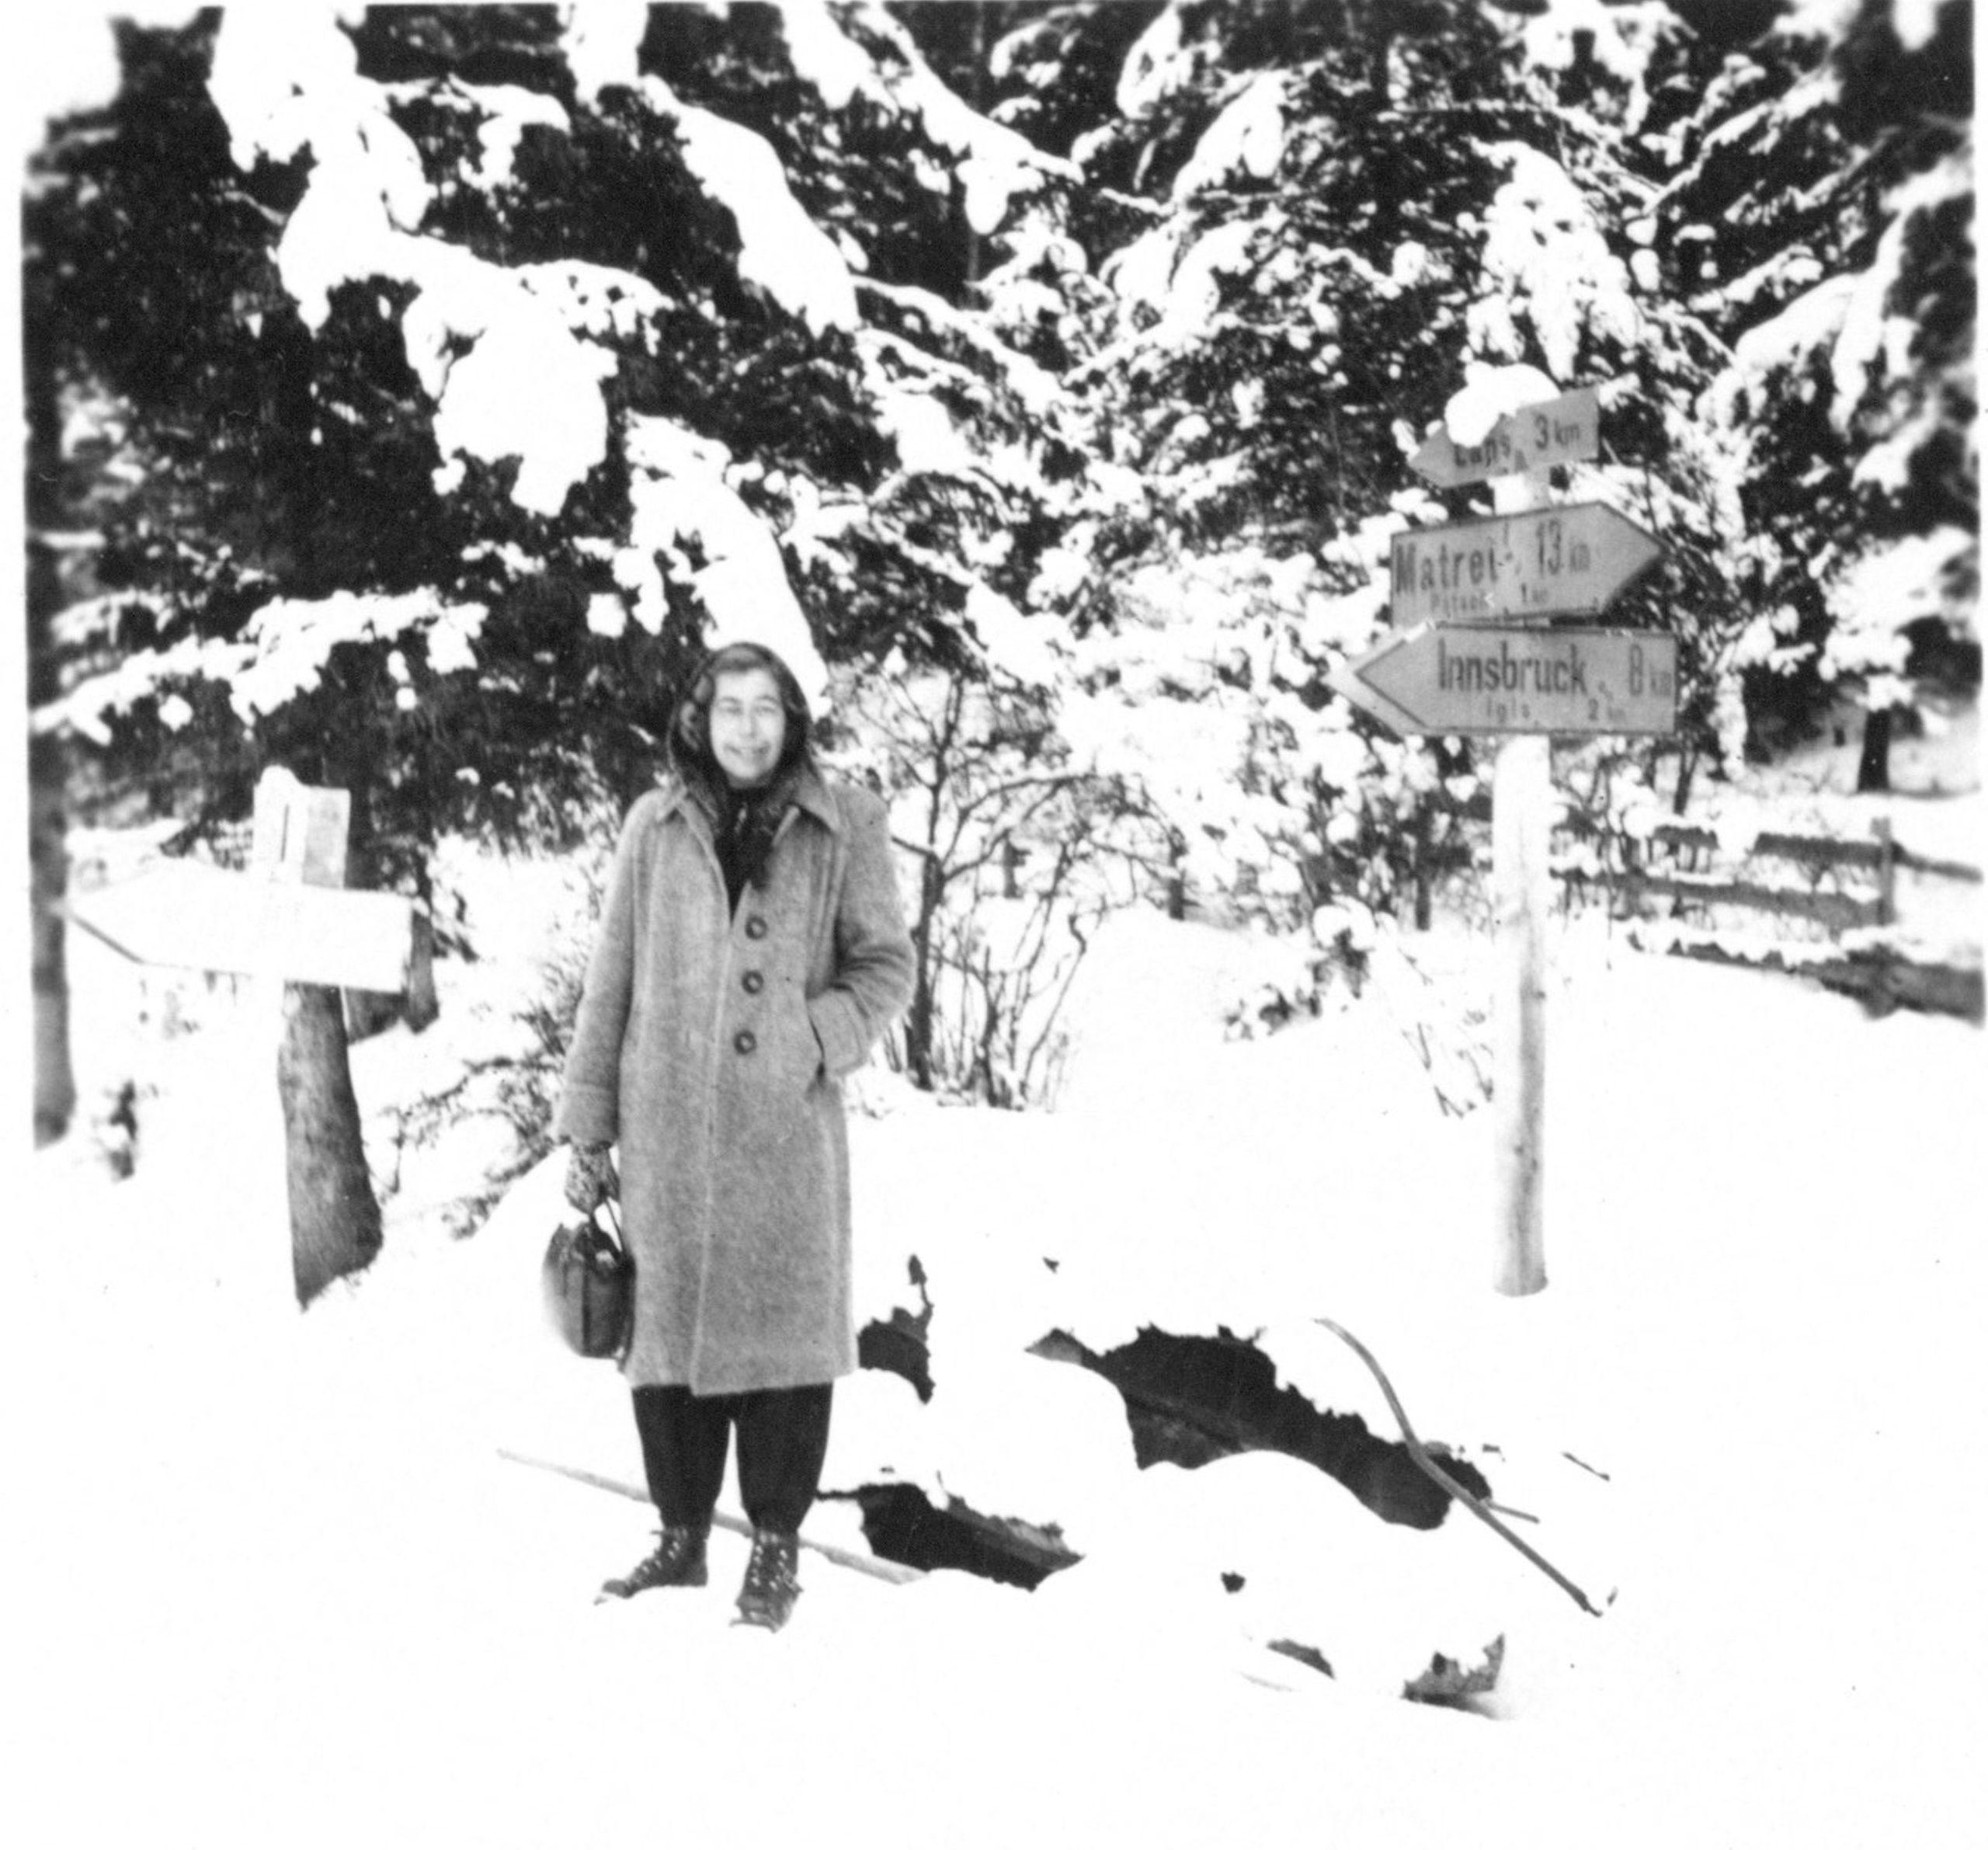 Als Ich Mich Fand In Einem Verschneiten Walde